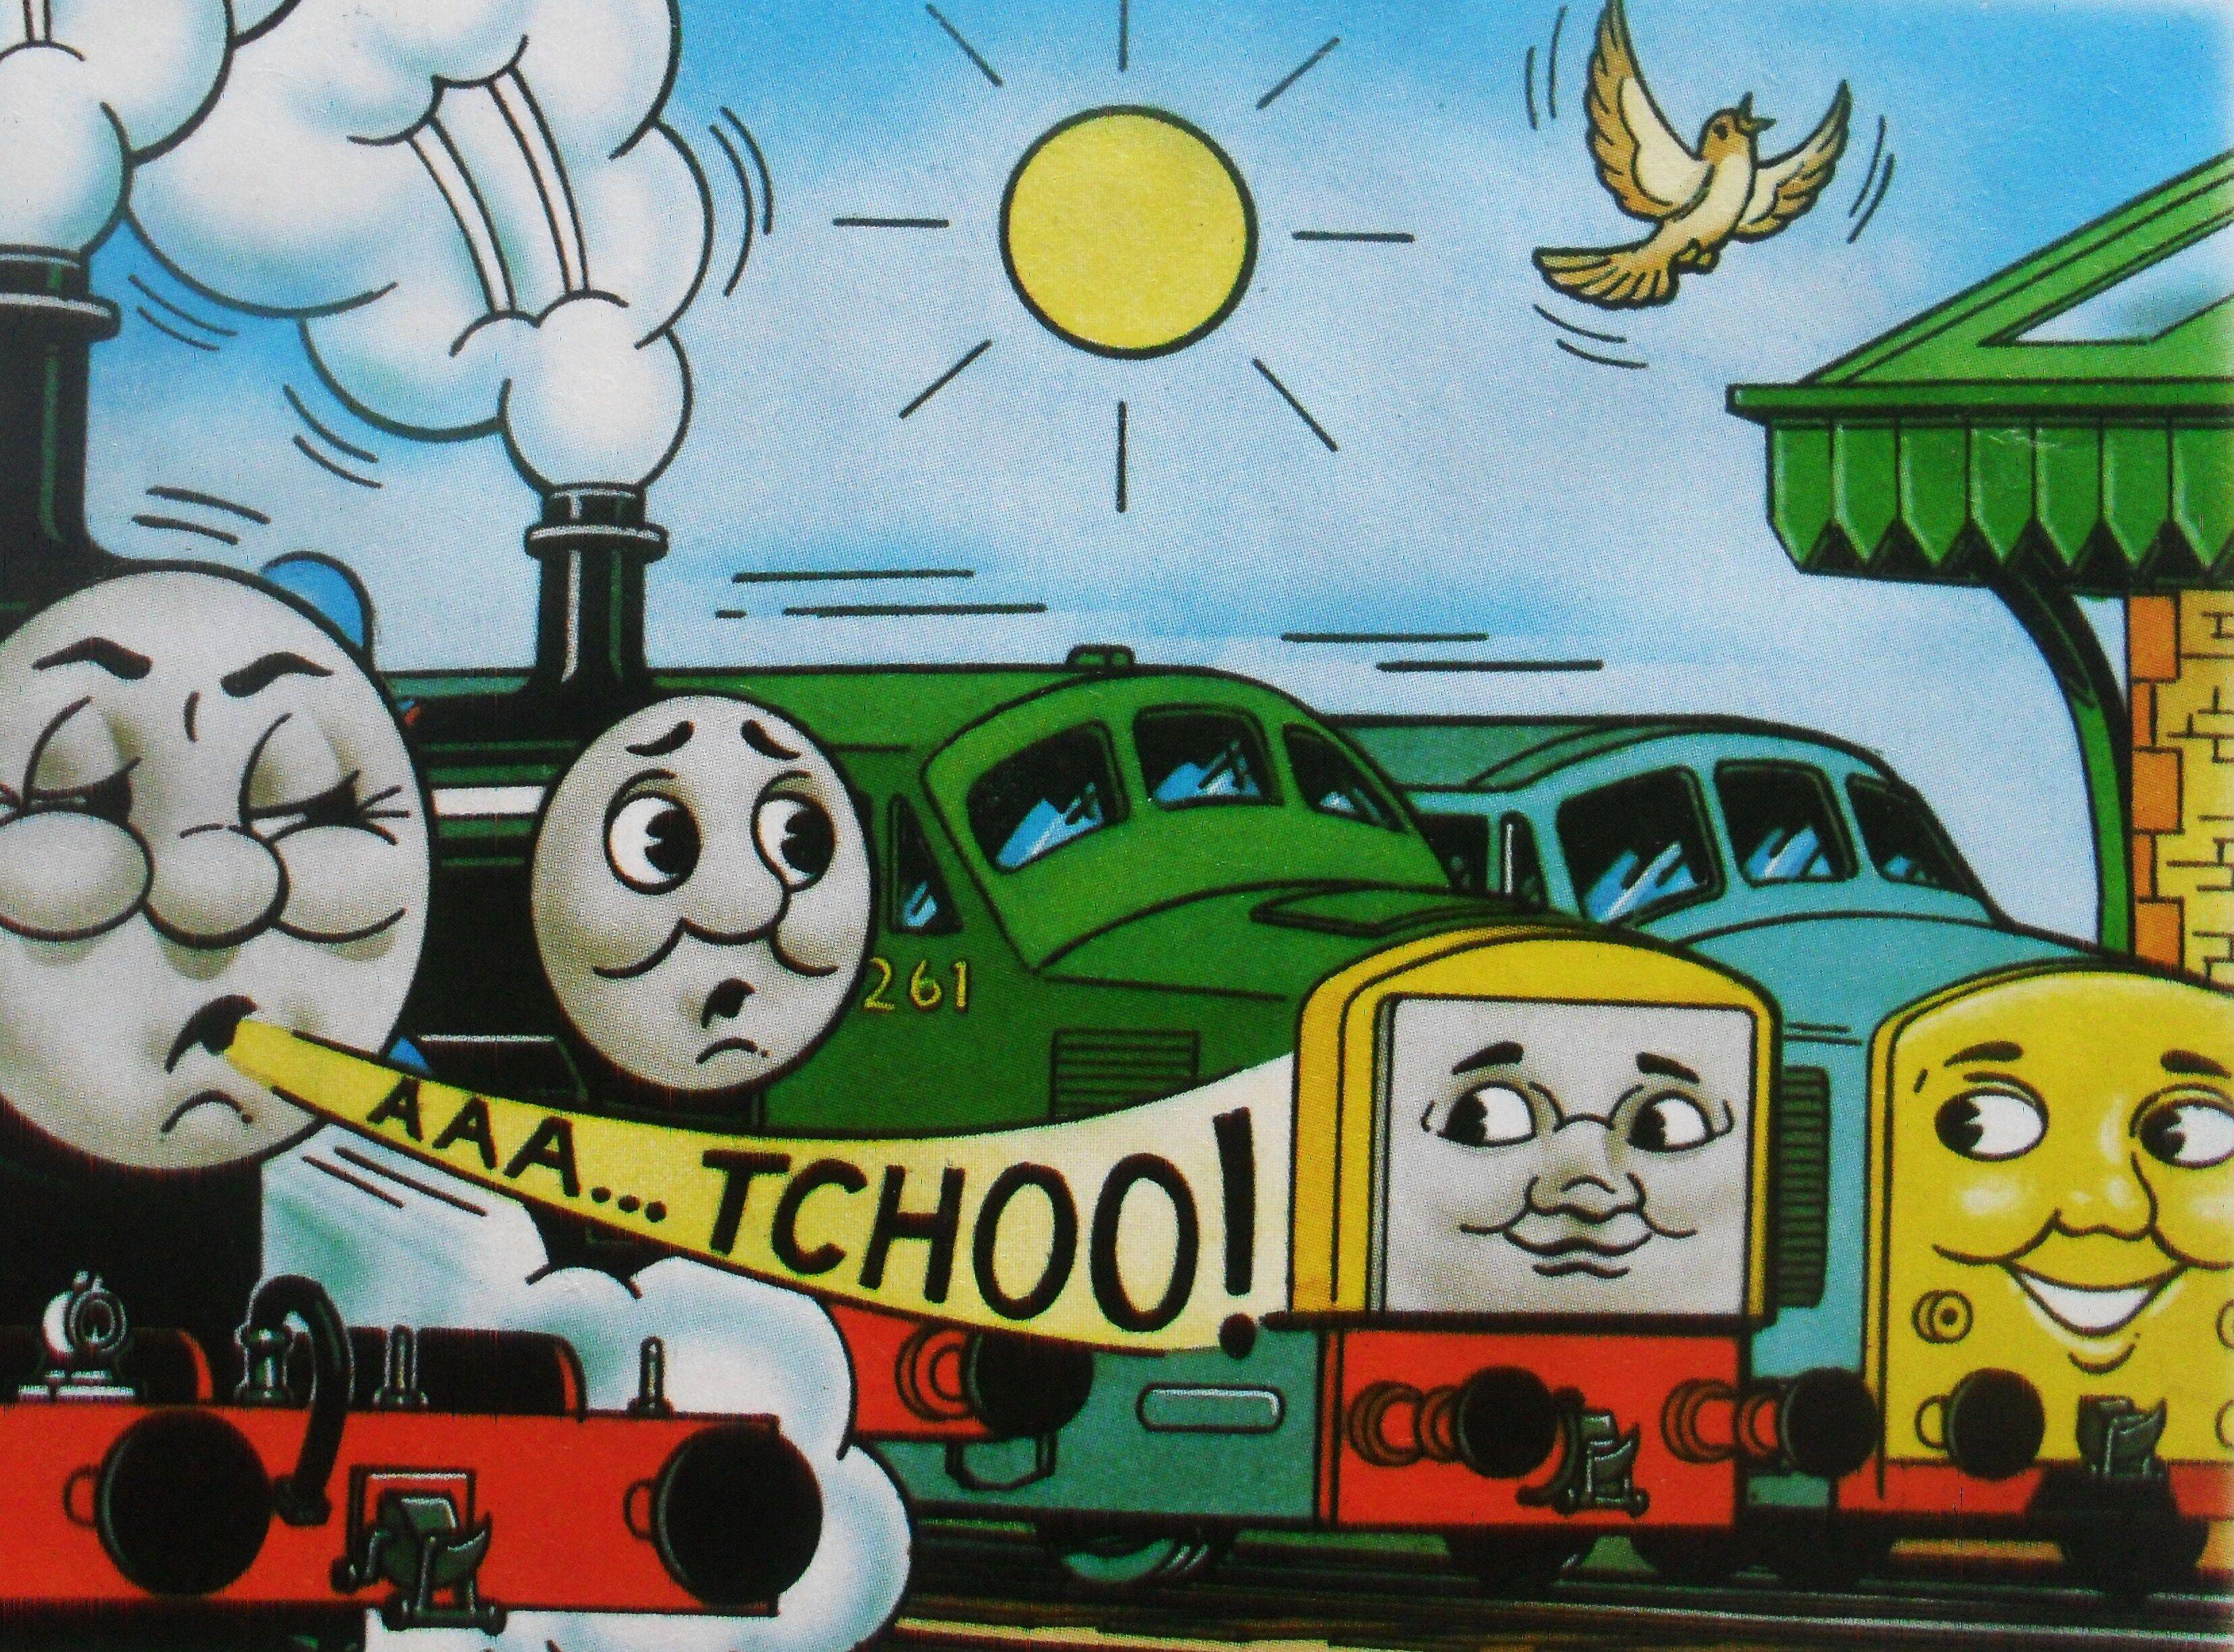 マガジンストーリーでトーマスとジェームスとディーゼル261と共に居るD199